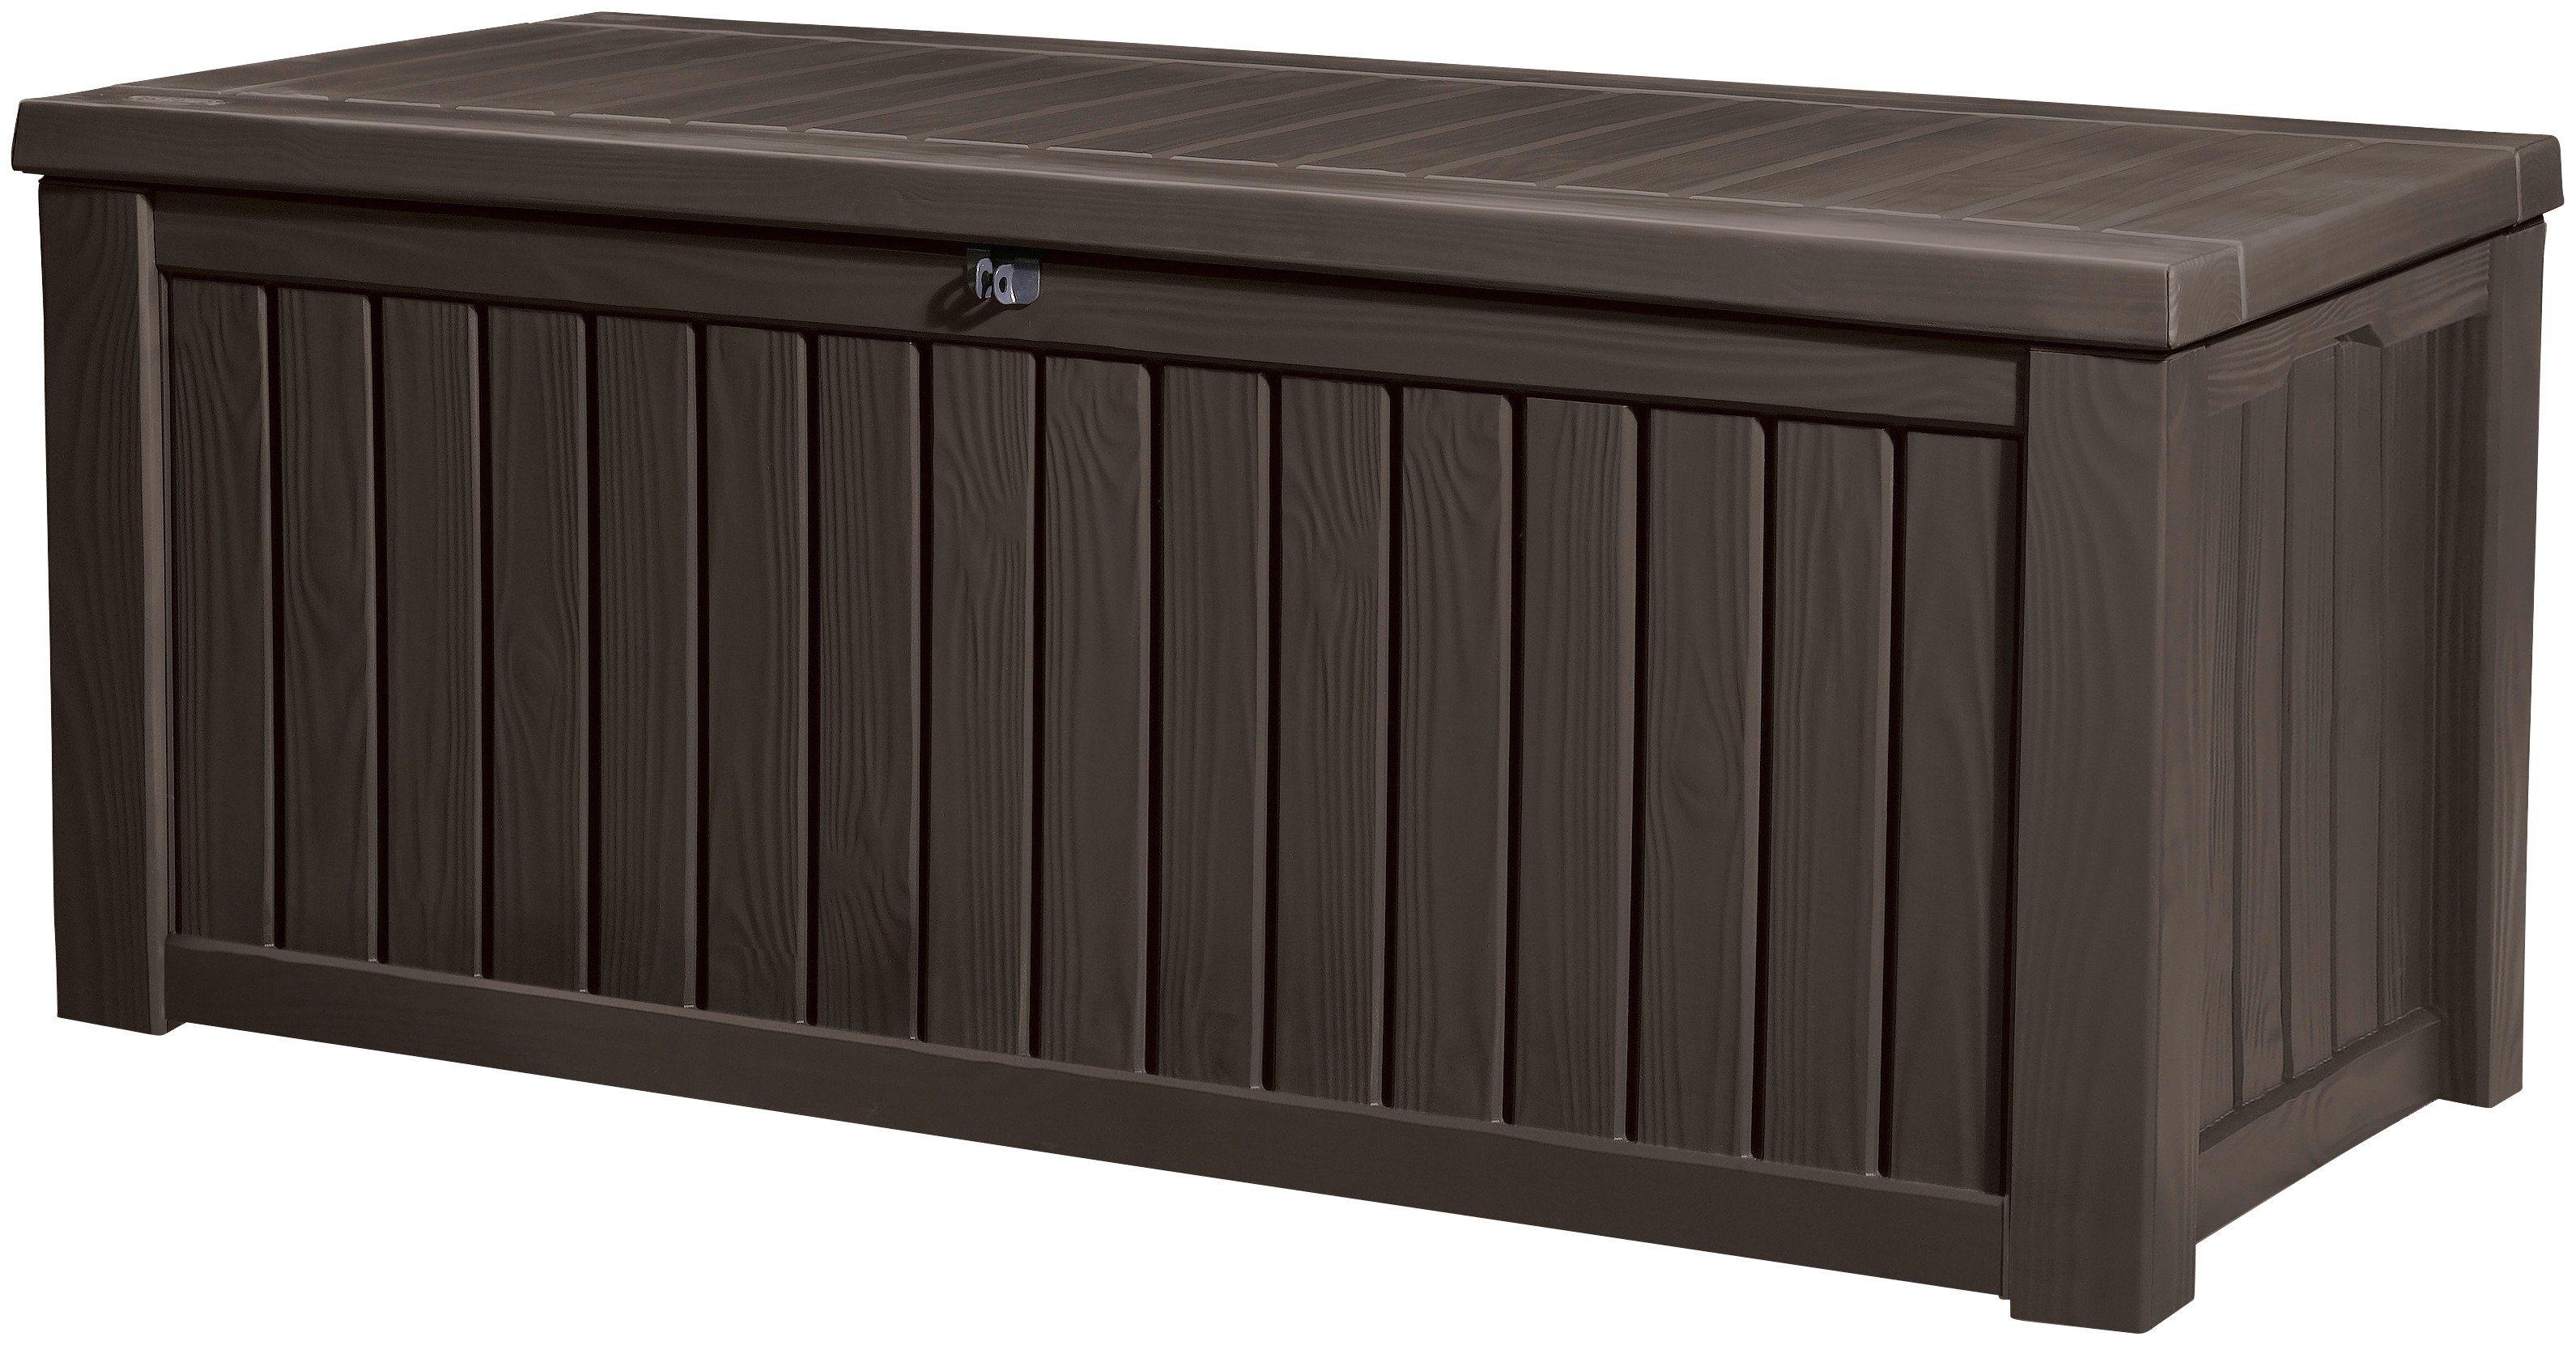 Auflagenbox , 155x64x72 cm, Kunststoff, braun